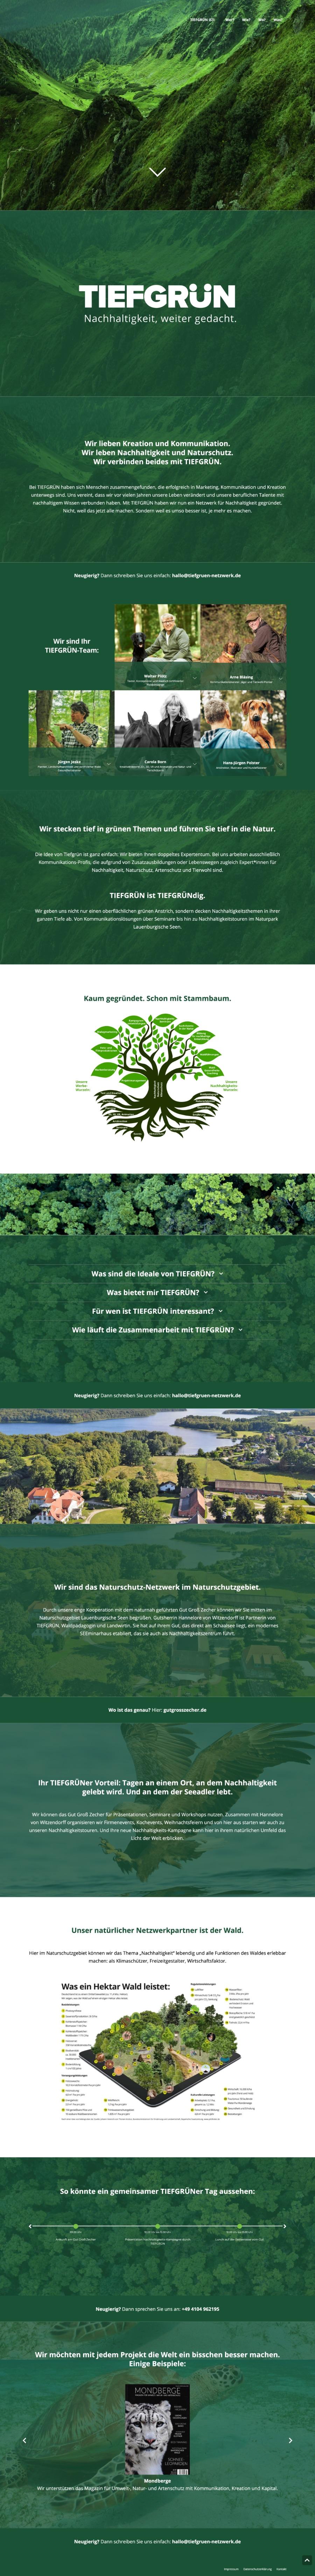 Tiefgrün-Netzwerk - Website